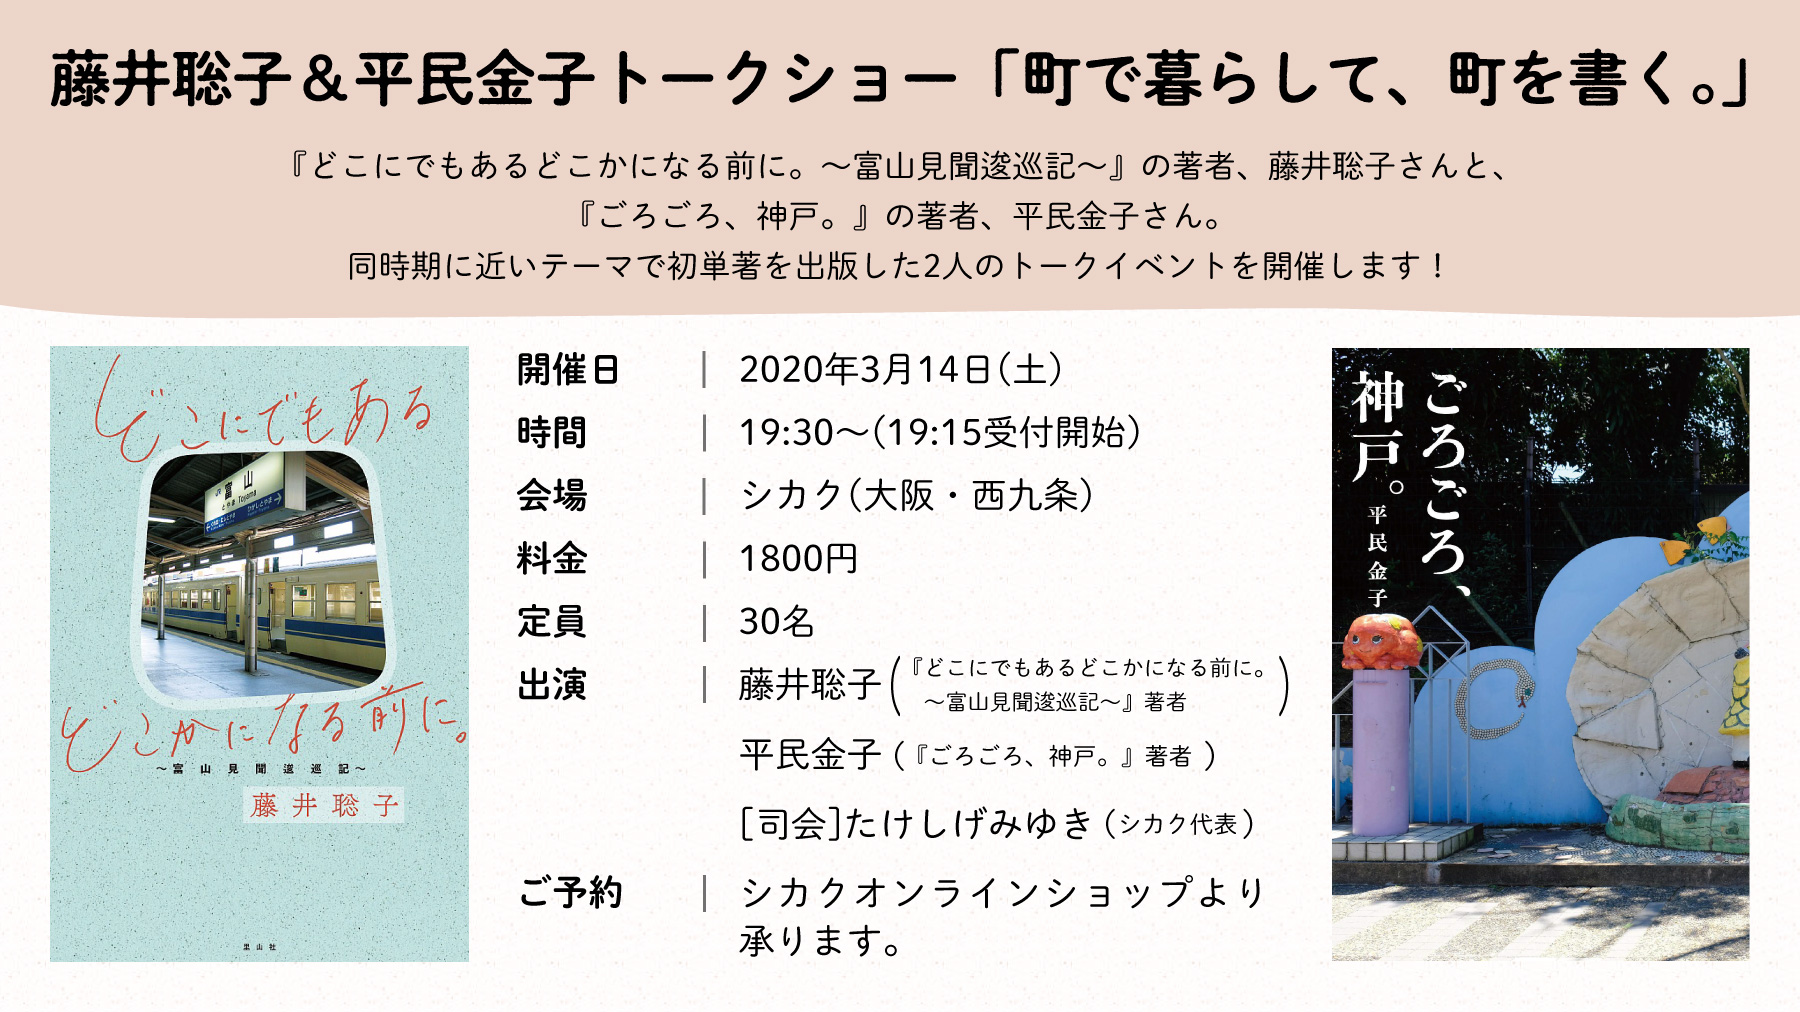 2020/03/14「町で暮らして、町を書く。」藤井聡子&平民金子トークショー延期のお知らせ